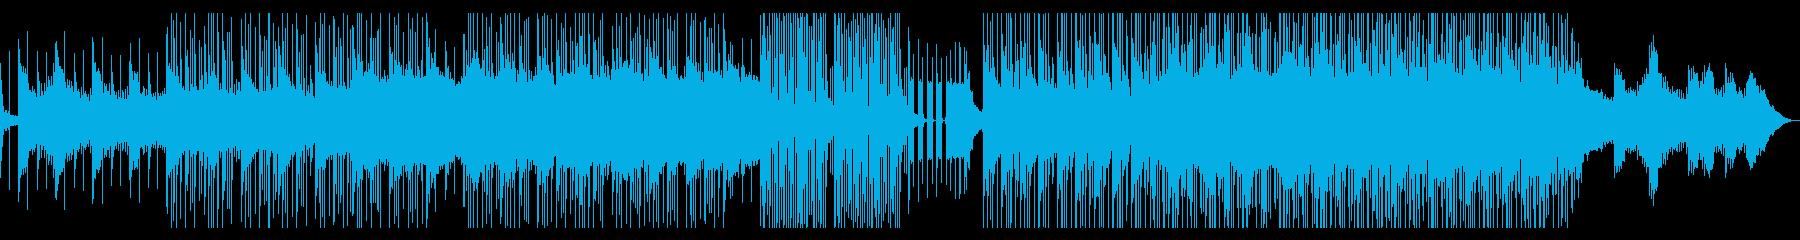 和風モダン/艶やかな着物/花魁/大名行列の再生済みの波形